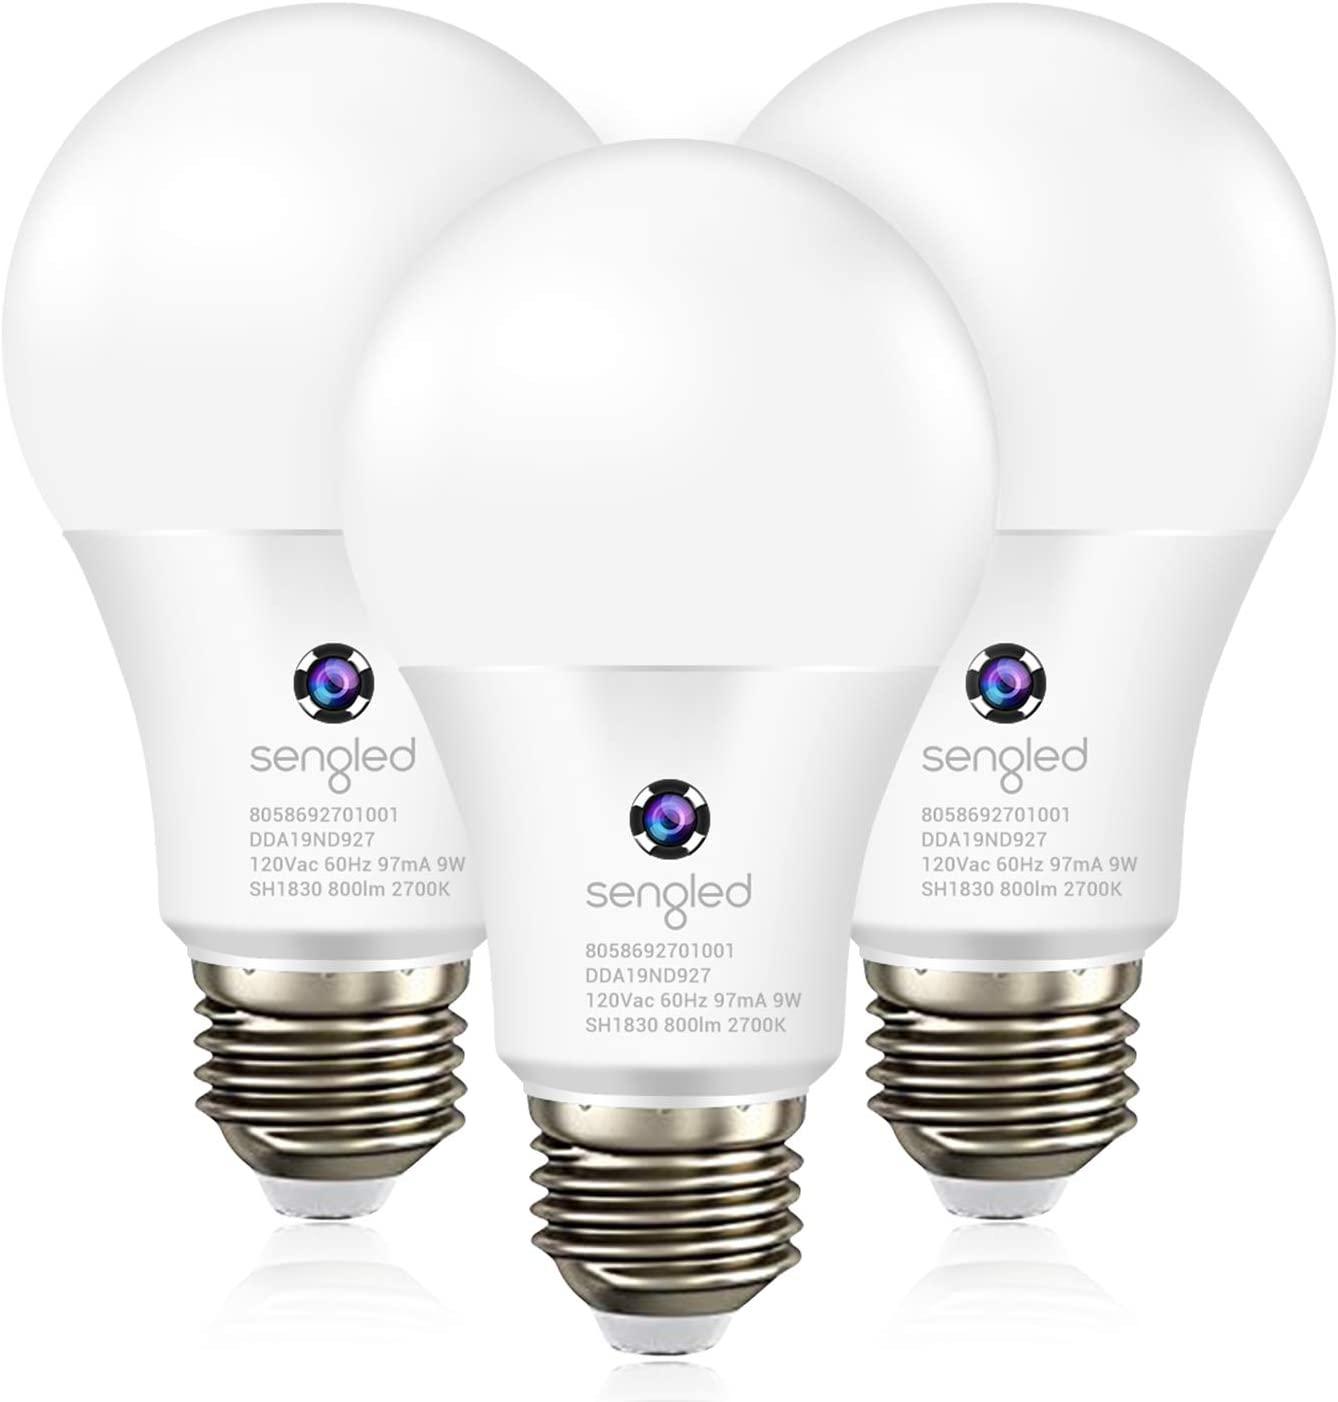 Sengled Dusk to Dawn Light Sensor Bulb Outdoor Indoor LED Photocell Sensor Light Bulb  3 Pack For 11.99